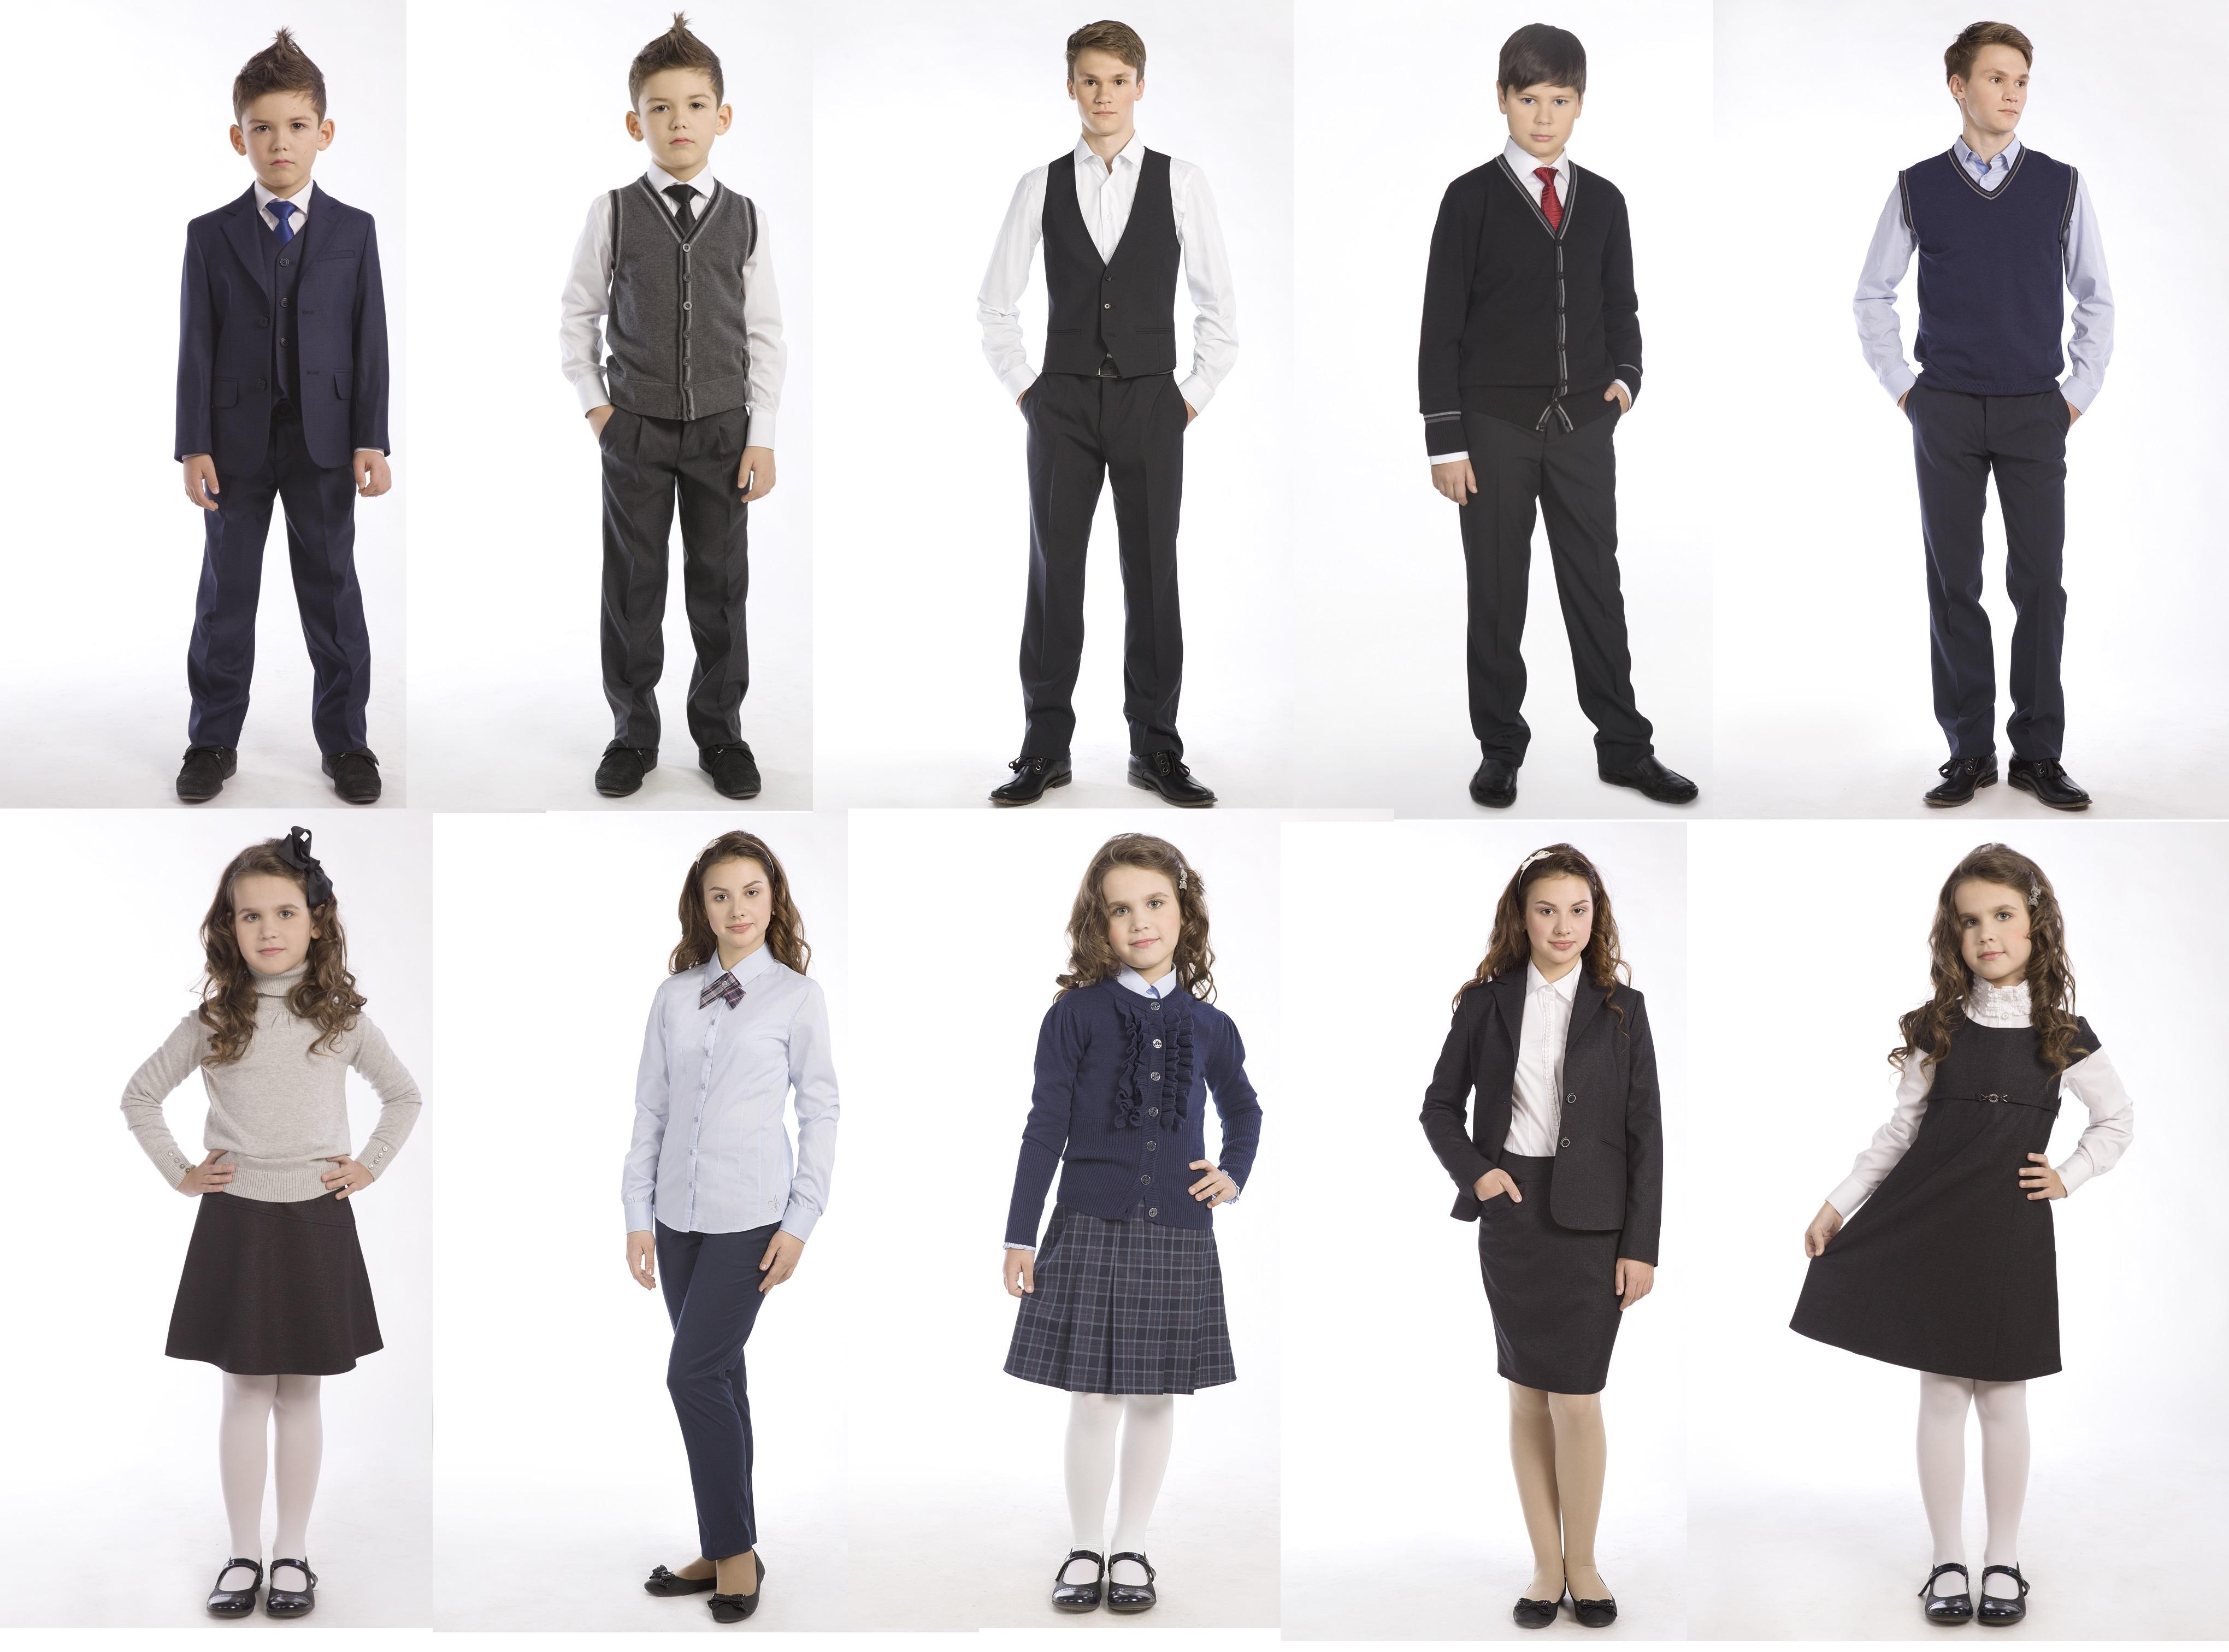 Школьная форма нового поколения! Костюмная группа и школьный трикотаж - жилеты, кардиганы, рубашки, блузки - 23. На рост от 116 до 188. Без рядов!